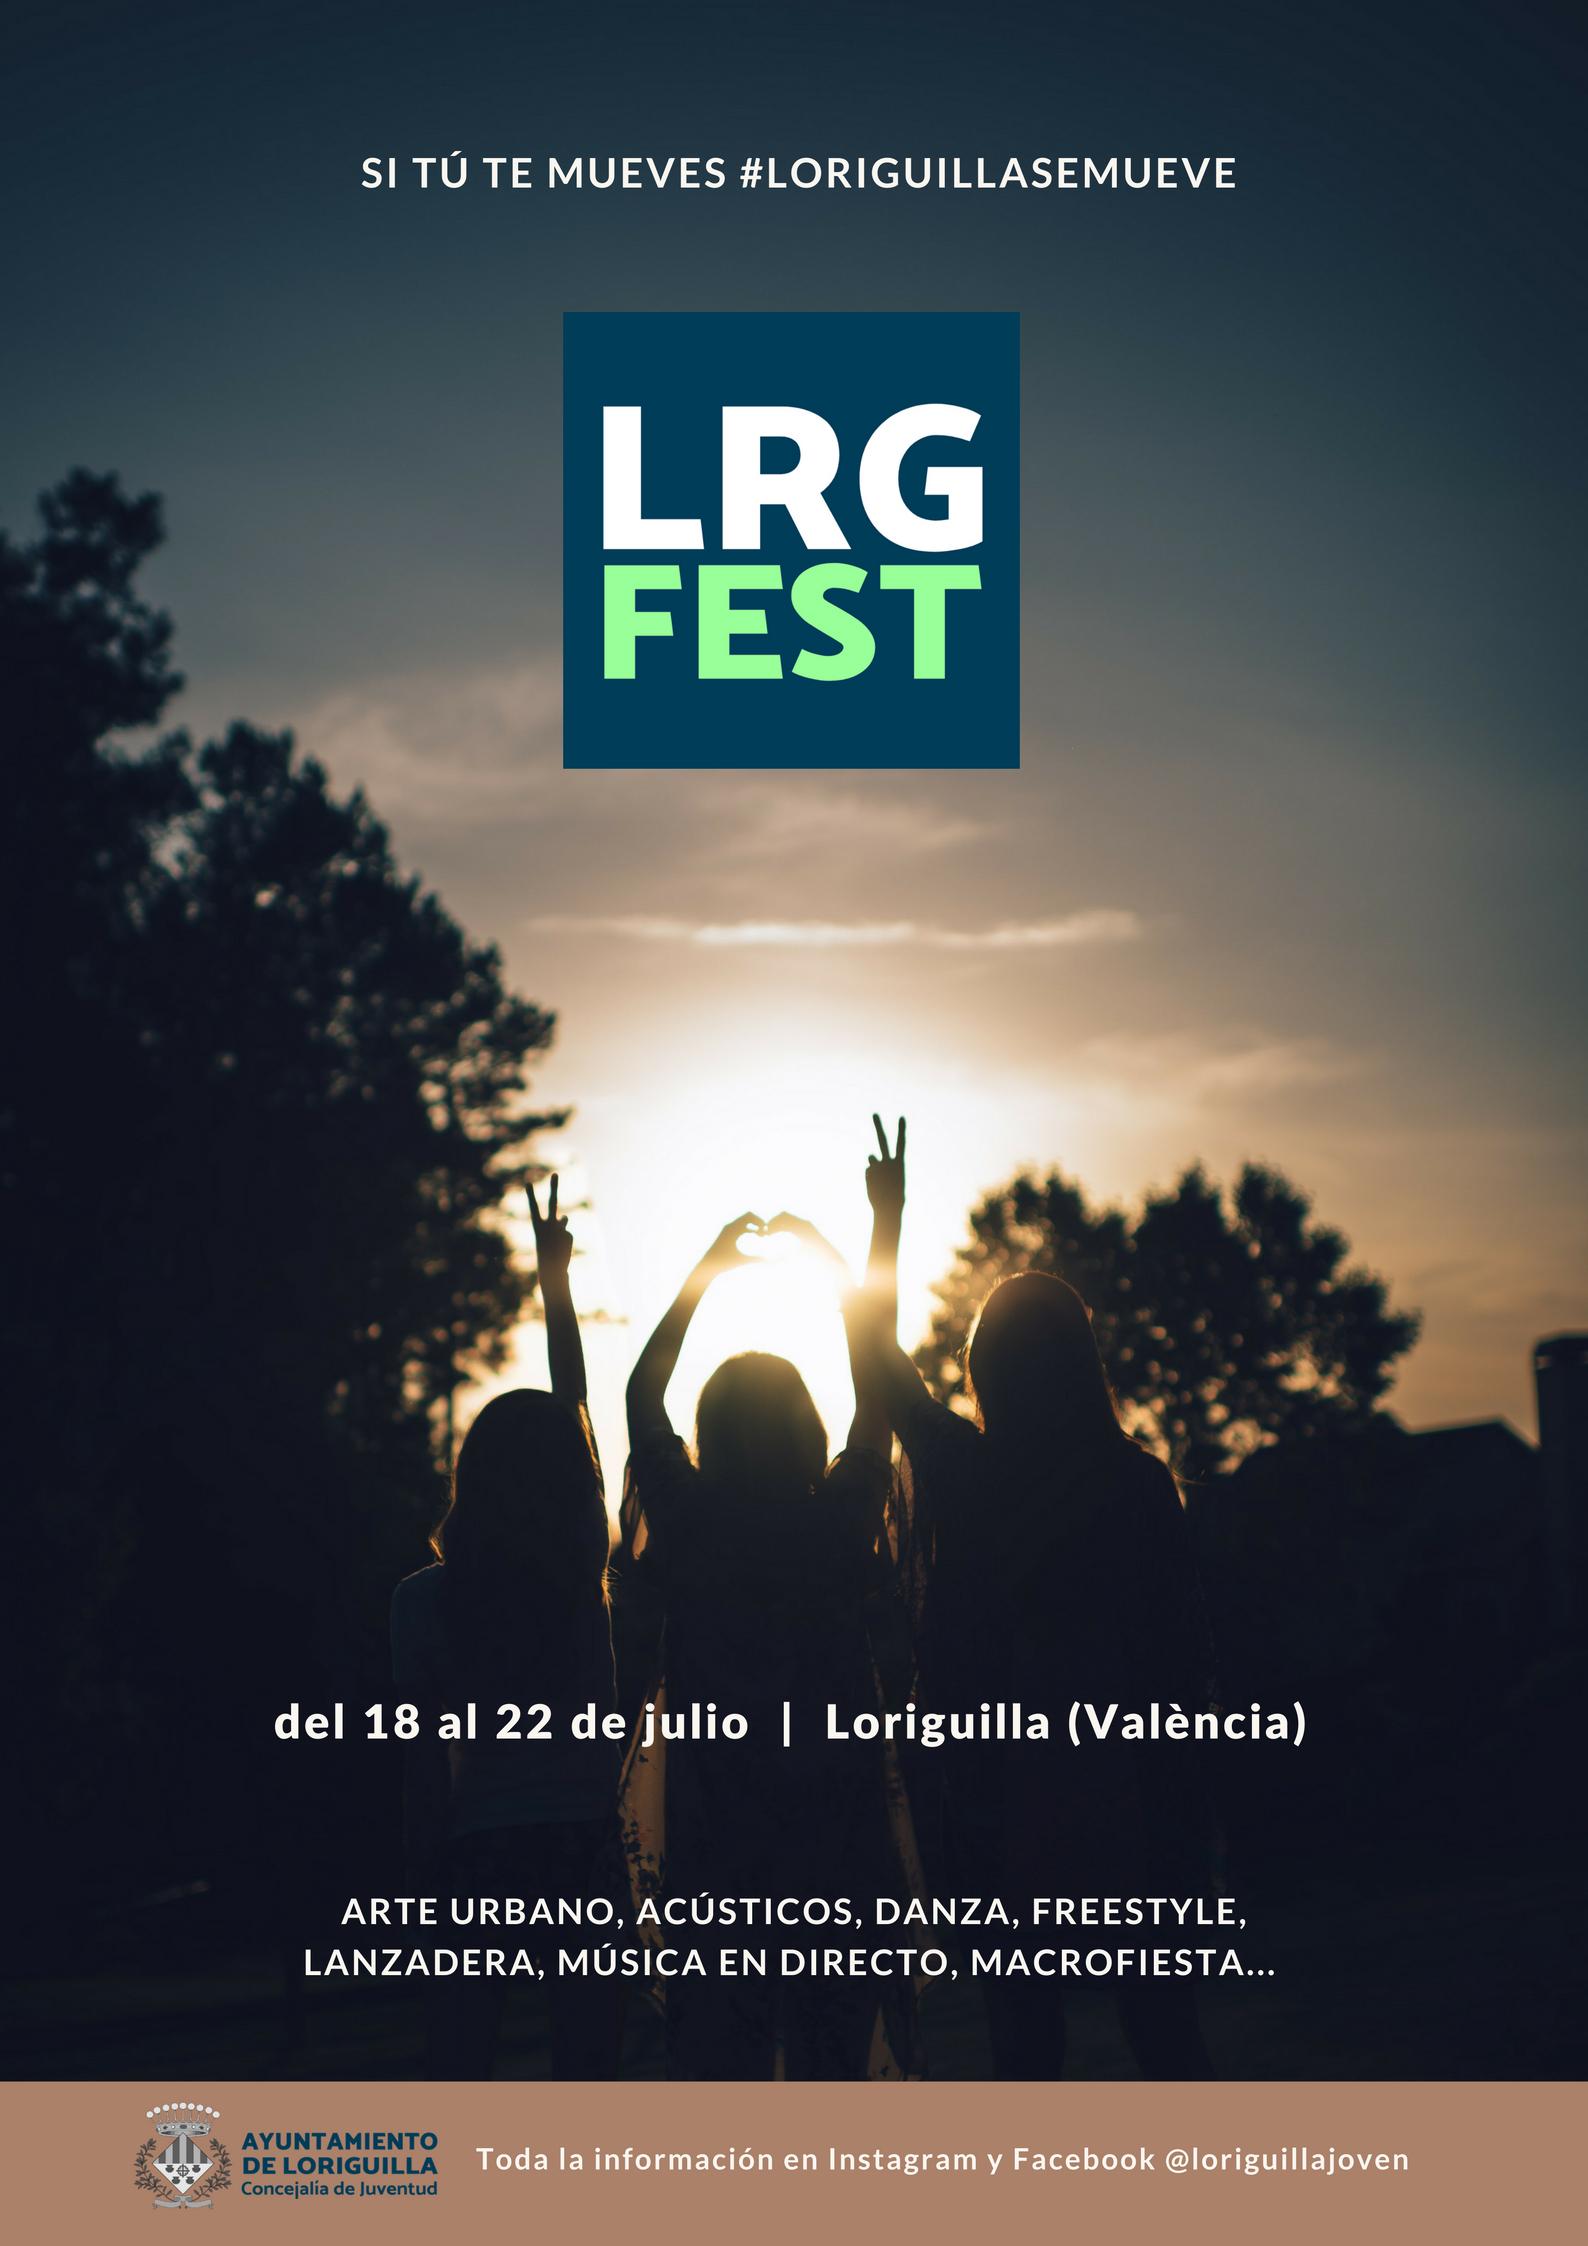 La II Edición de LRGFEST se consolida como festival de música independiente, nuevas propuestas artísticas y de ocio